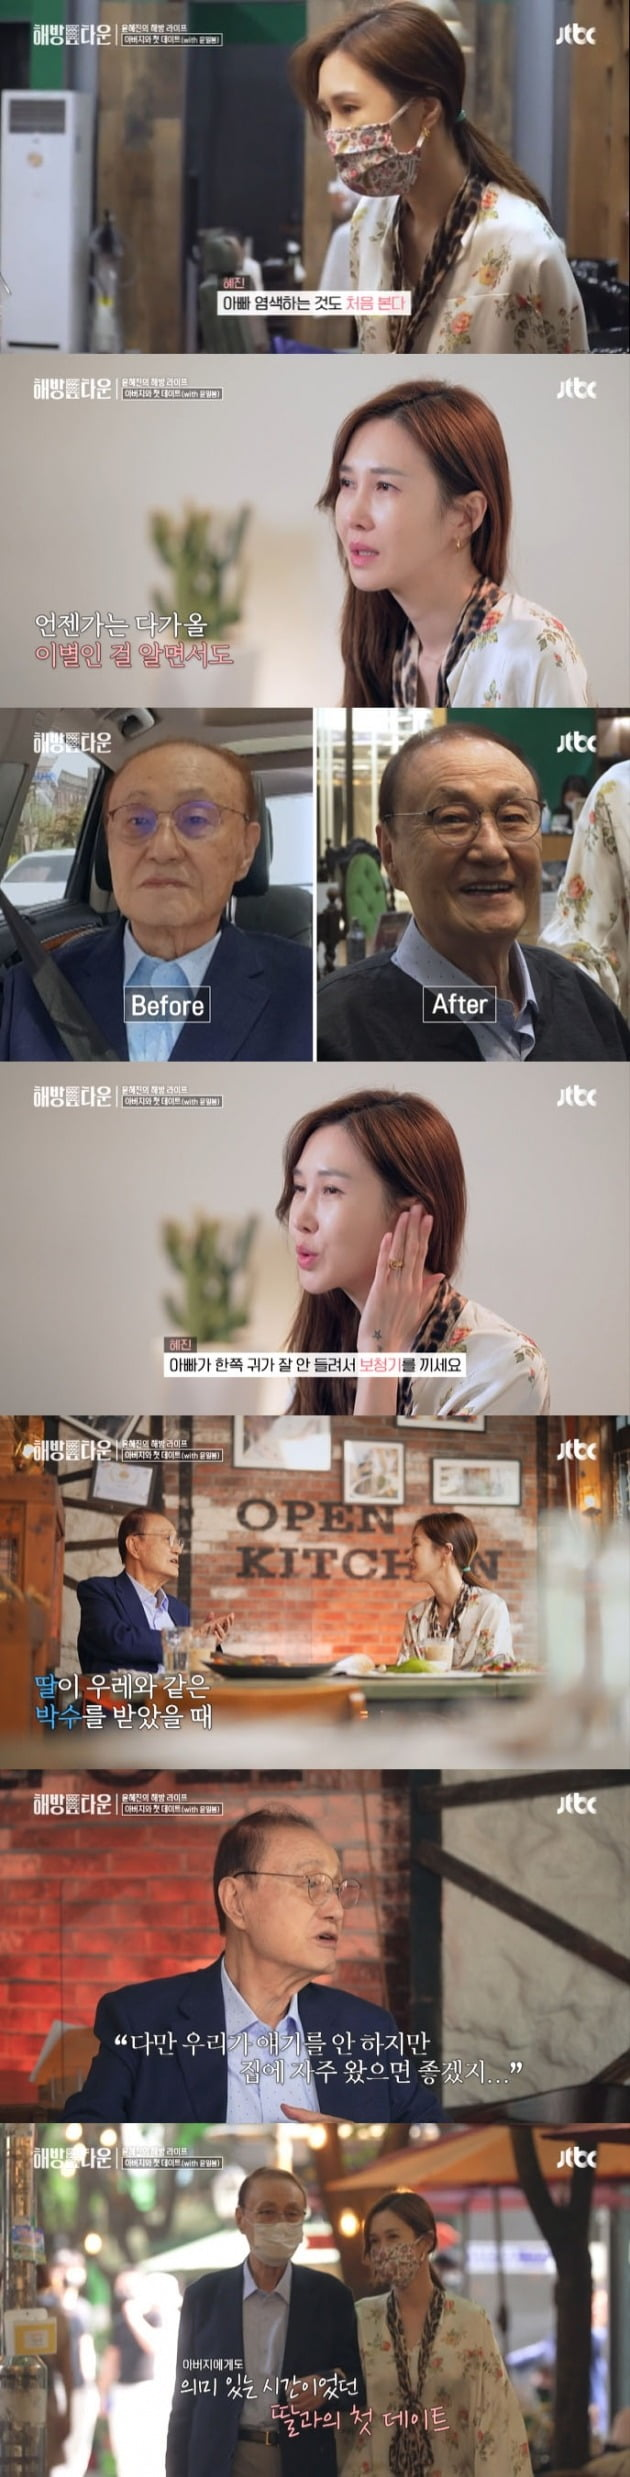 사진=JTBC '해방타운' 영상 캡처